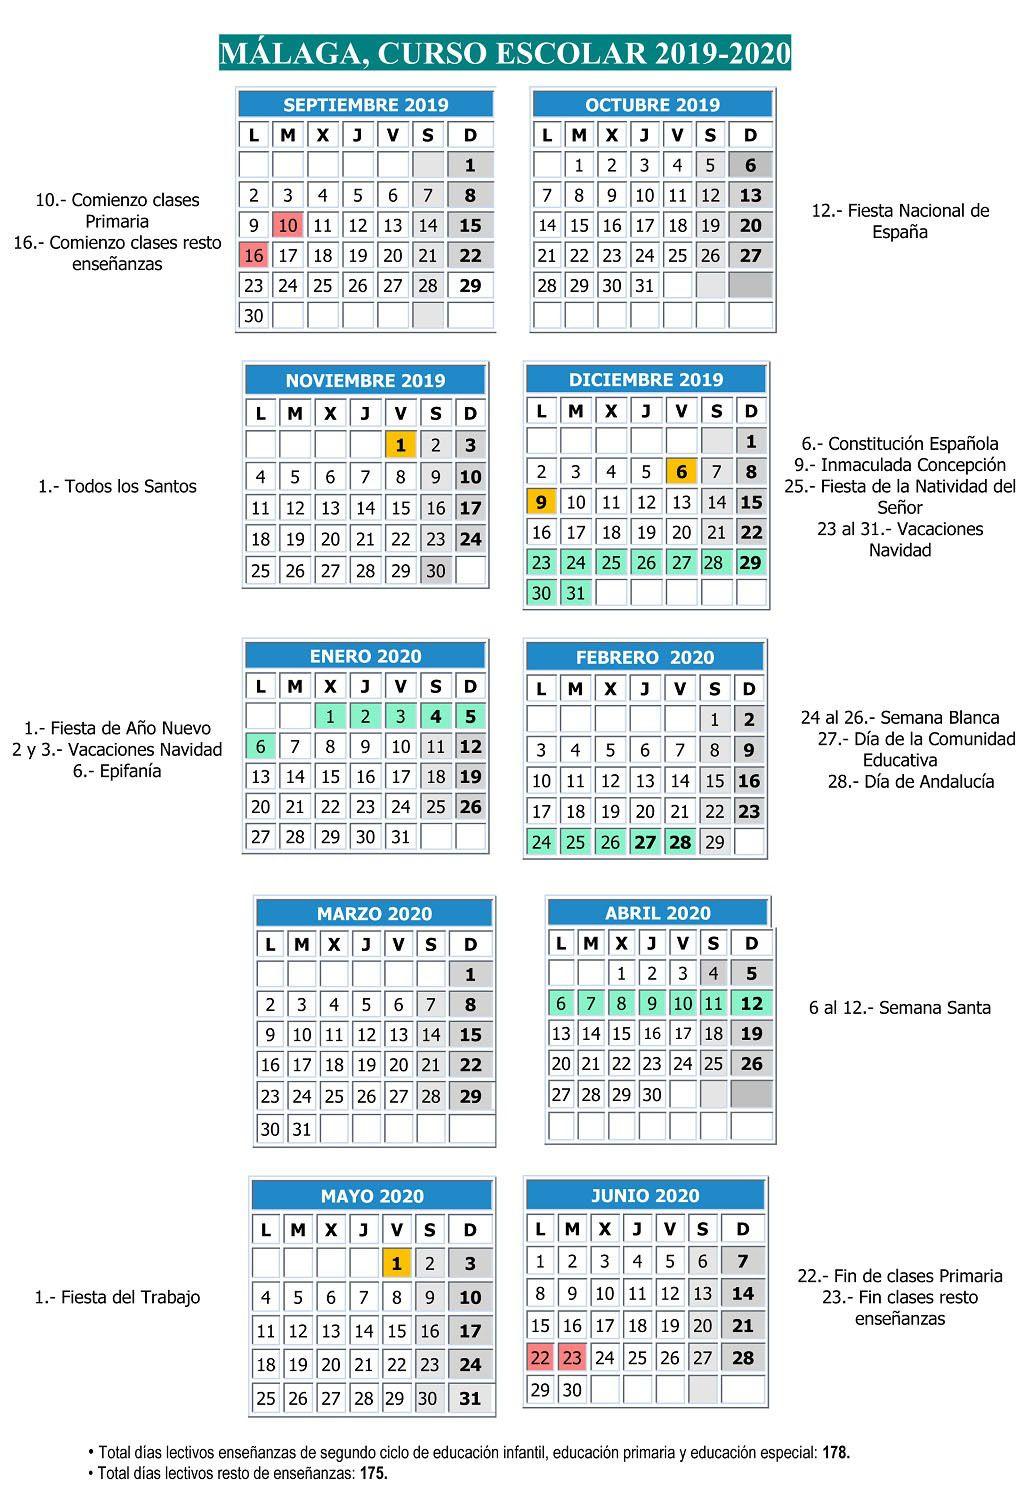 Calendario Verano 2020.Calendario Escolar Malaga 2019 2020 La Diversiva La Guia De Ocio